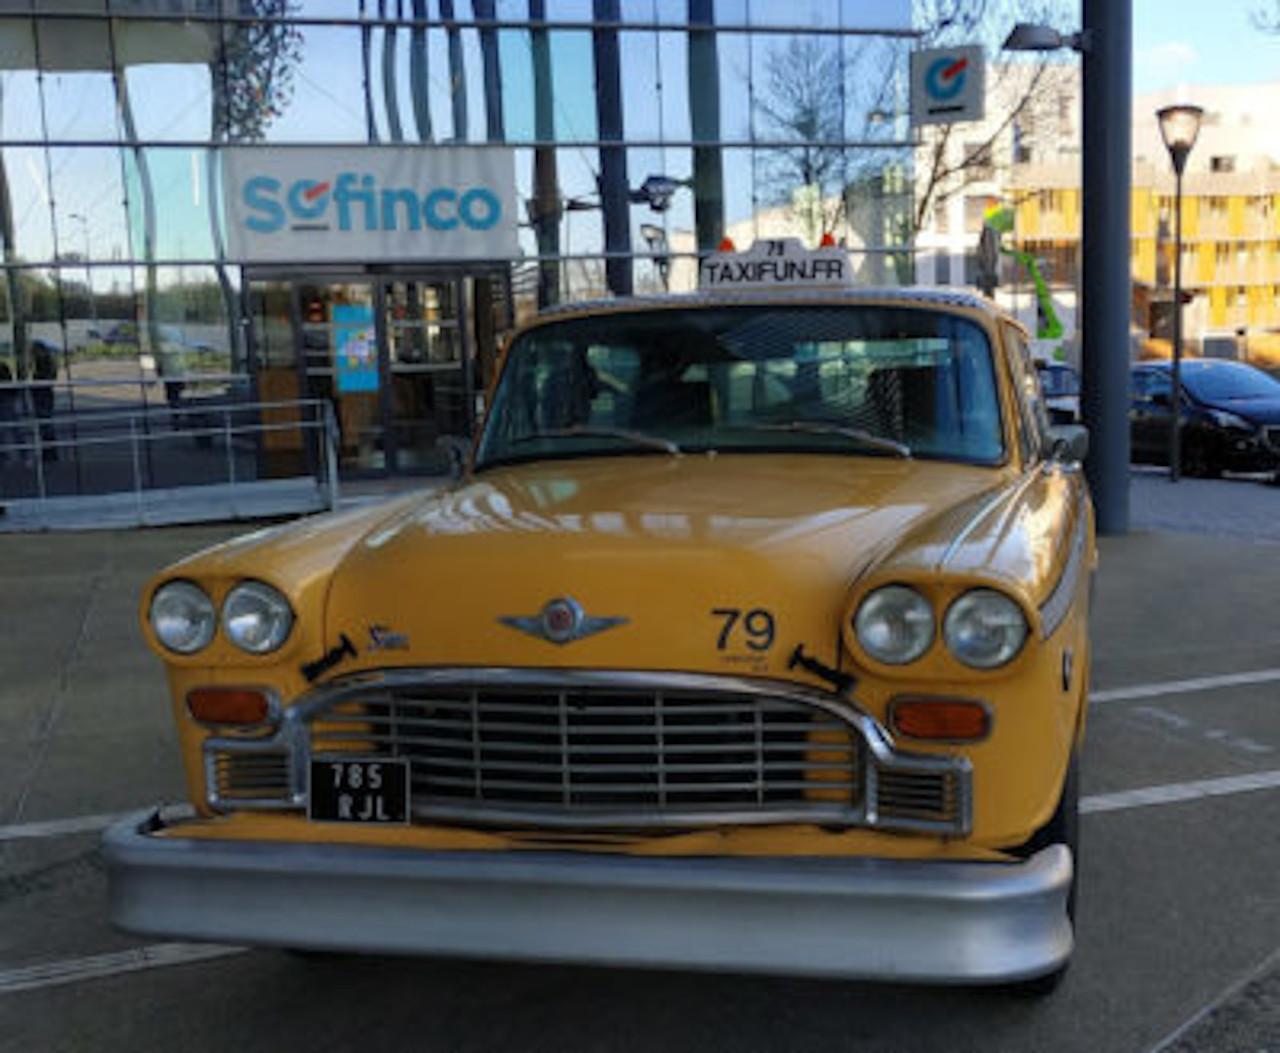 taxi new-yorkais yellow-cab checker marathon devant siège Sofinco Ile de France pour action communication